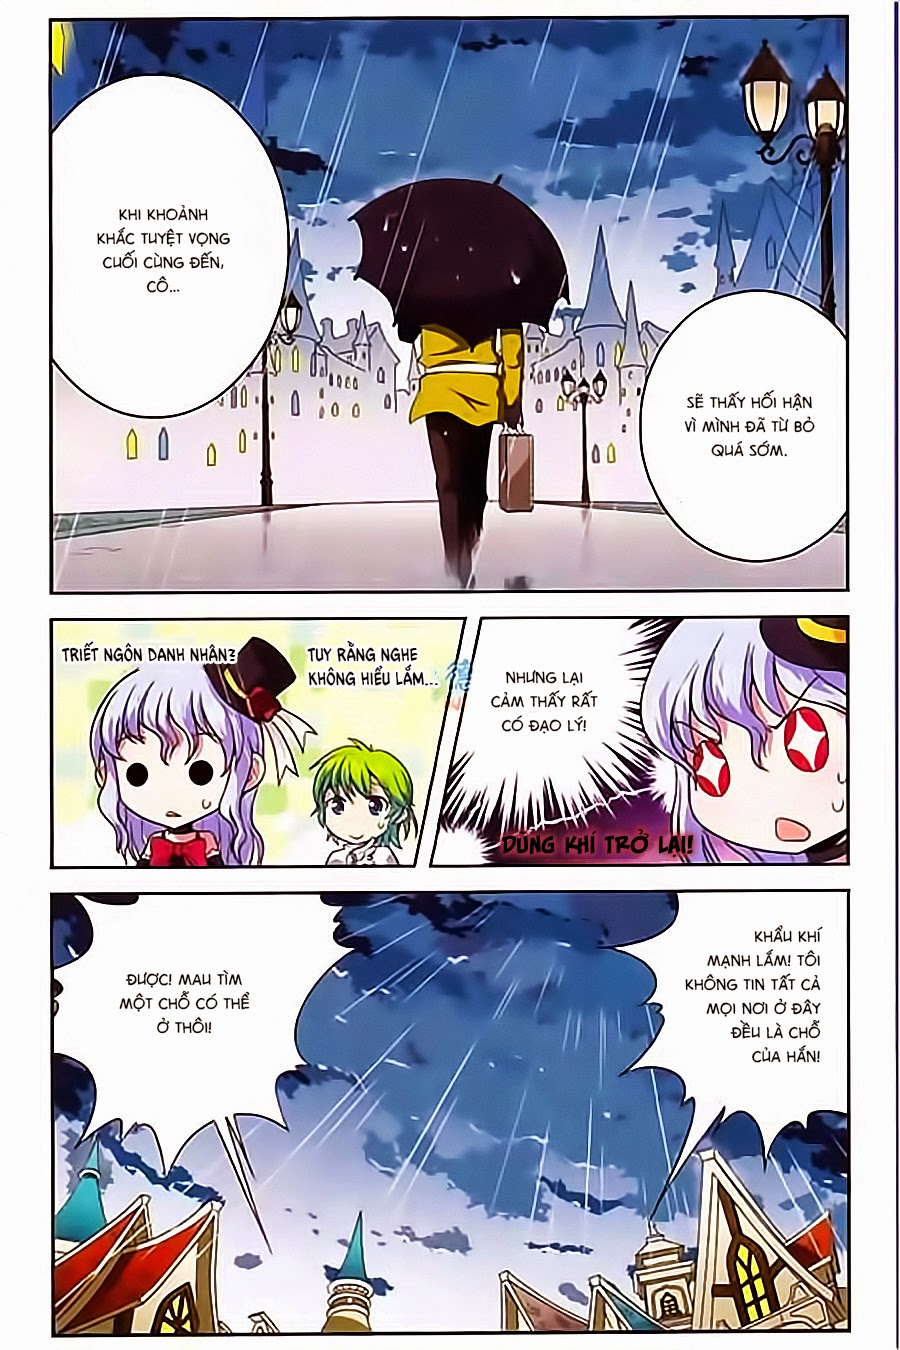 Ma Tạp Tiên Tông chap 10 - Trang 7